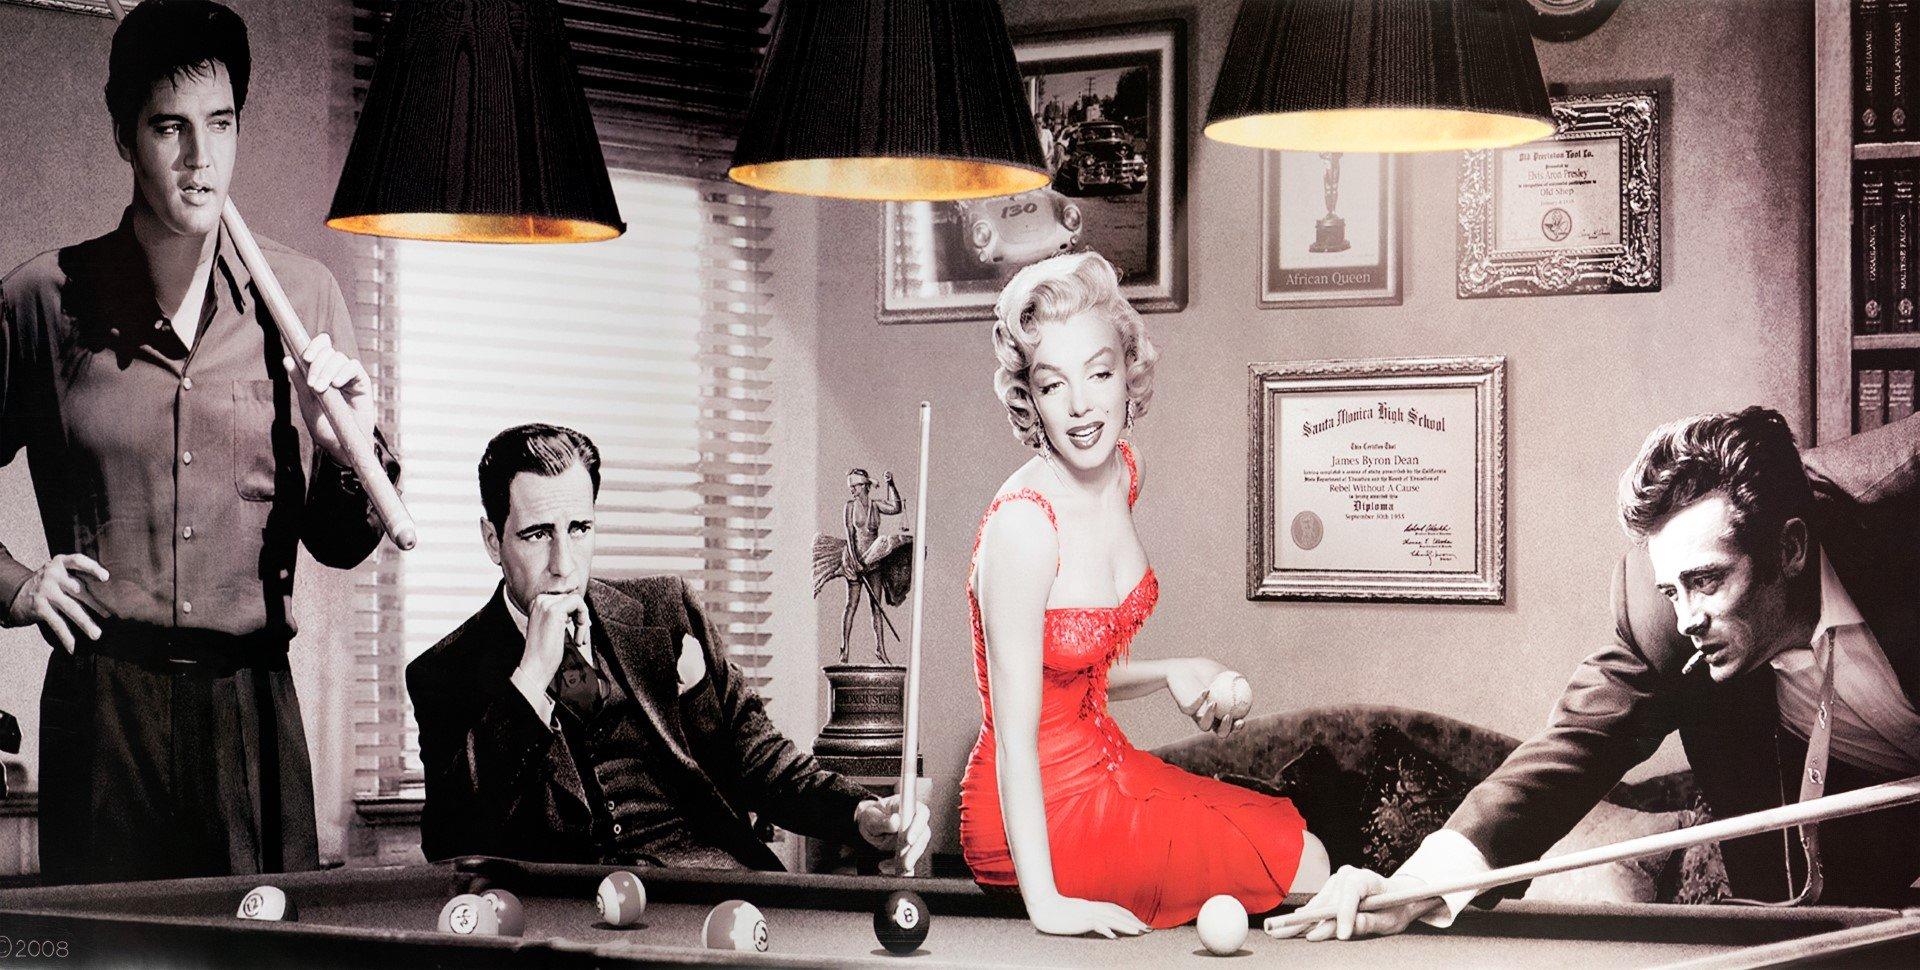 Game of Fate James Dean Elvis Presley Marilyn Monroe Humphrey Bogart Canvas Print 1061 by Fengshui-paintings.com